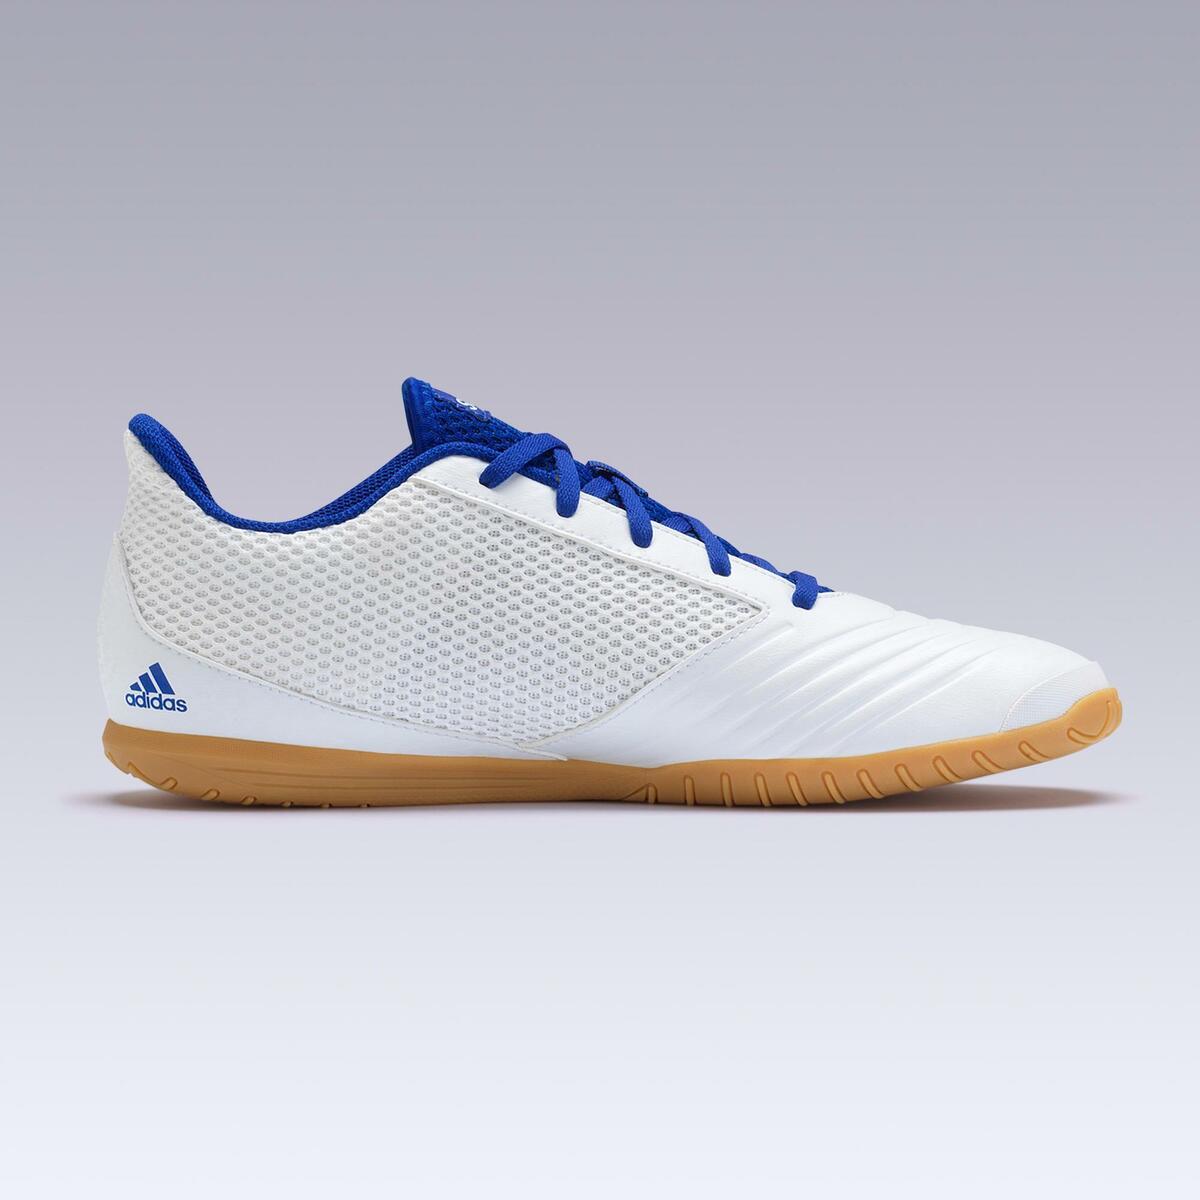 Bild 3 von Hallenschuhe Futsal Fußball Predator Tango 4 FS19 Erwachsene weiß/blau